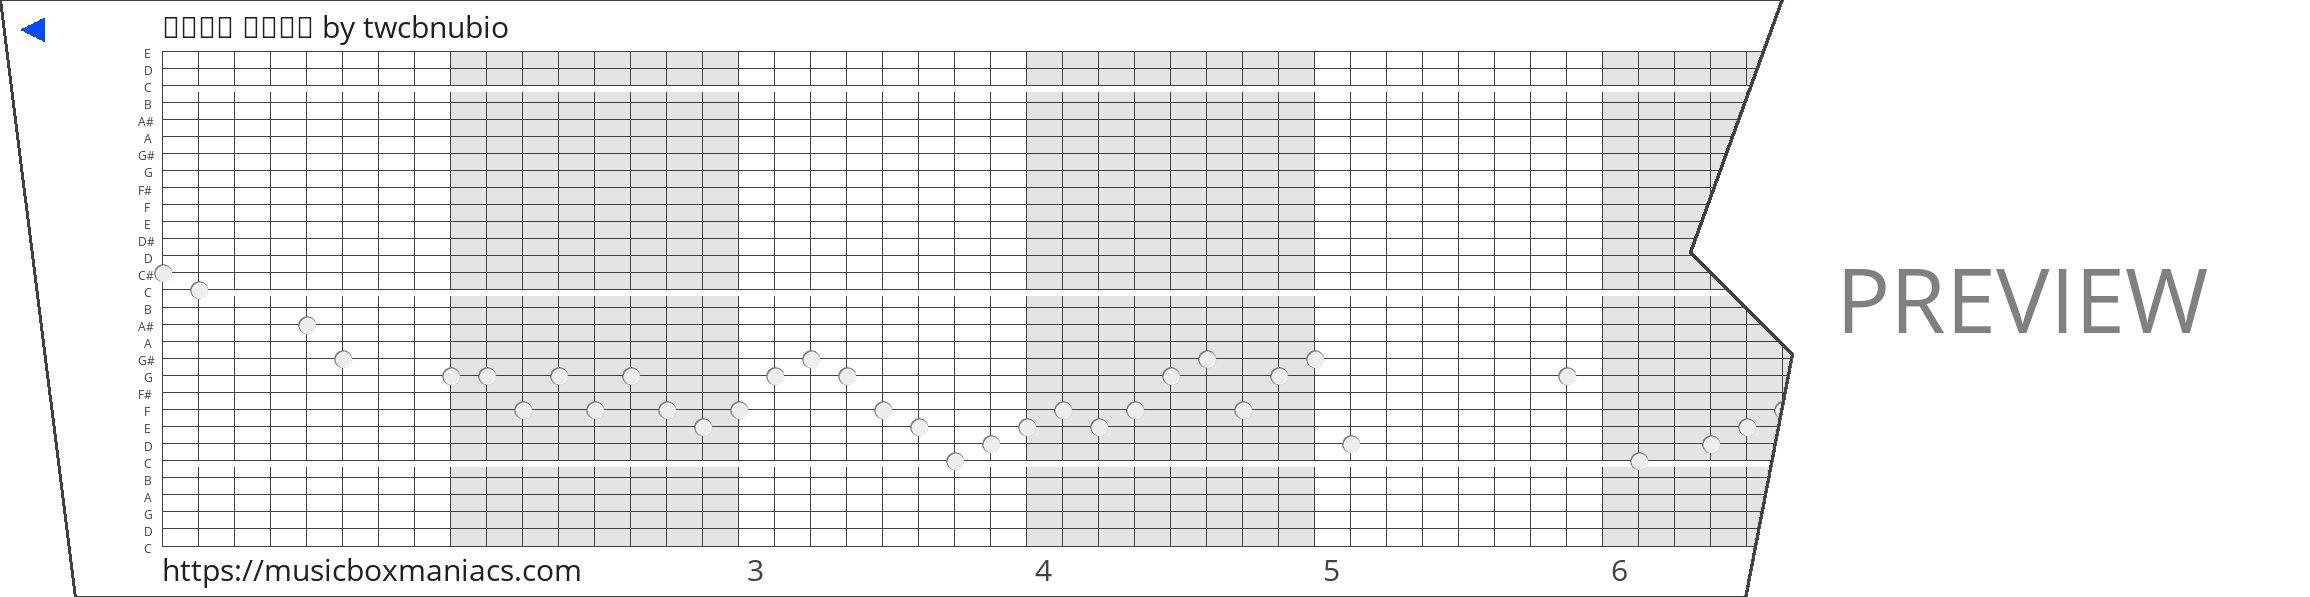 螃蟹卡农 三十音盒 30 note music box paper strip